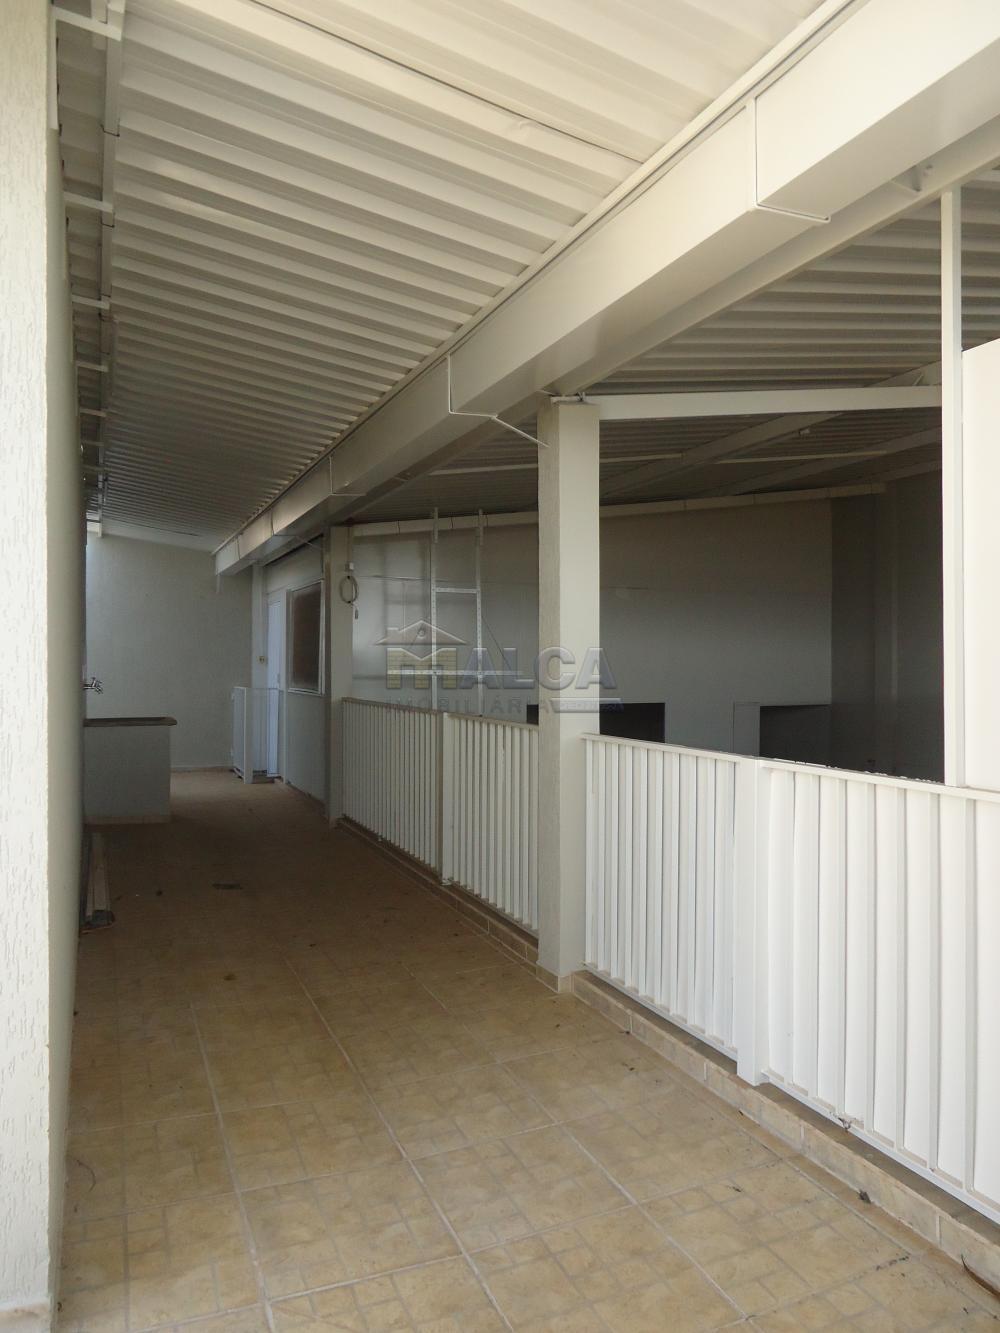 Alugar Casas / Padrão em São José do Rio Pardo apenas R$ 2.450,00 - Foto 50